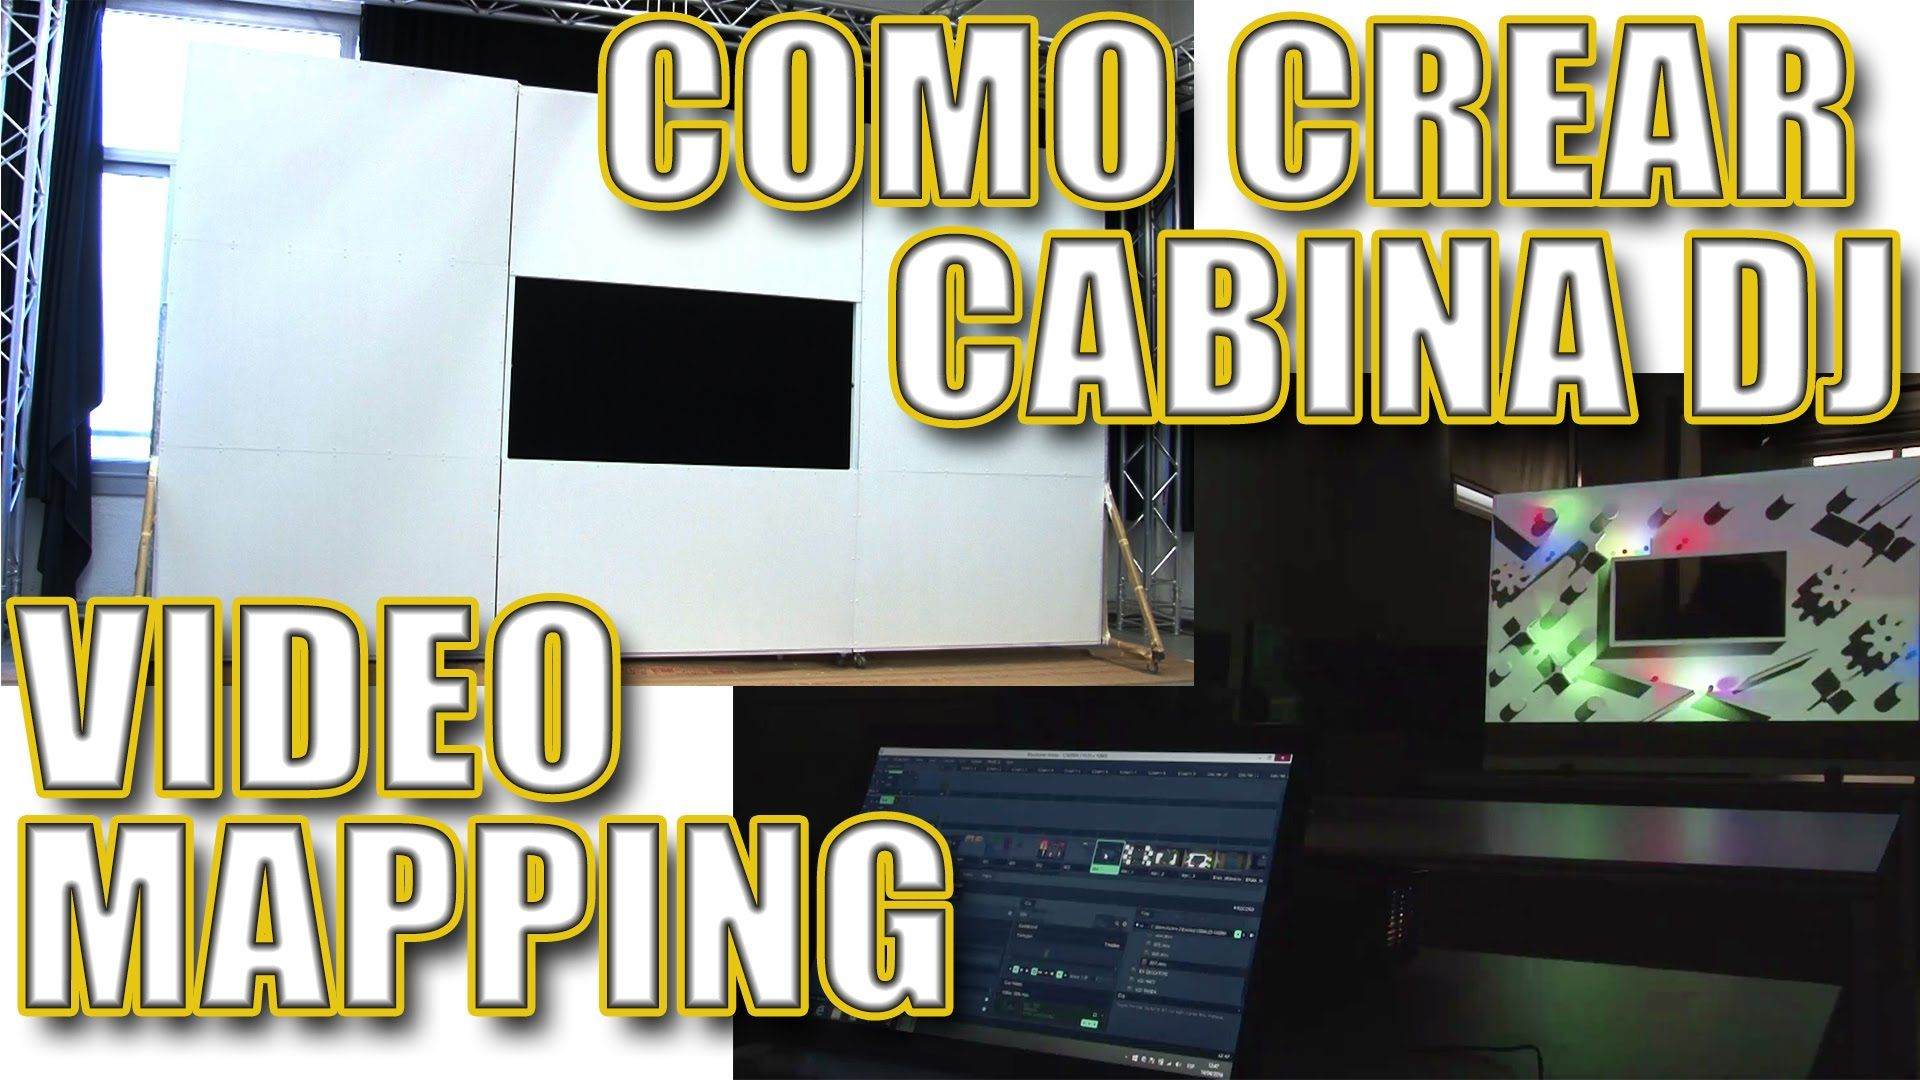 Foto Cabina Ideas : Como crear una cabina dj para videomapping stuff try inspire